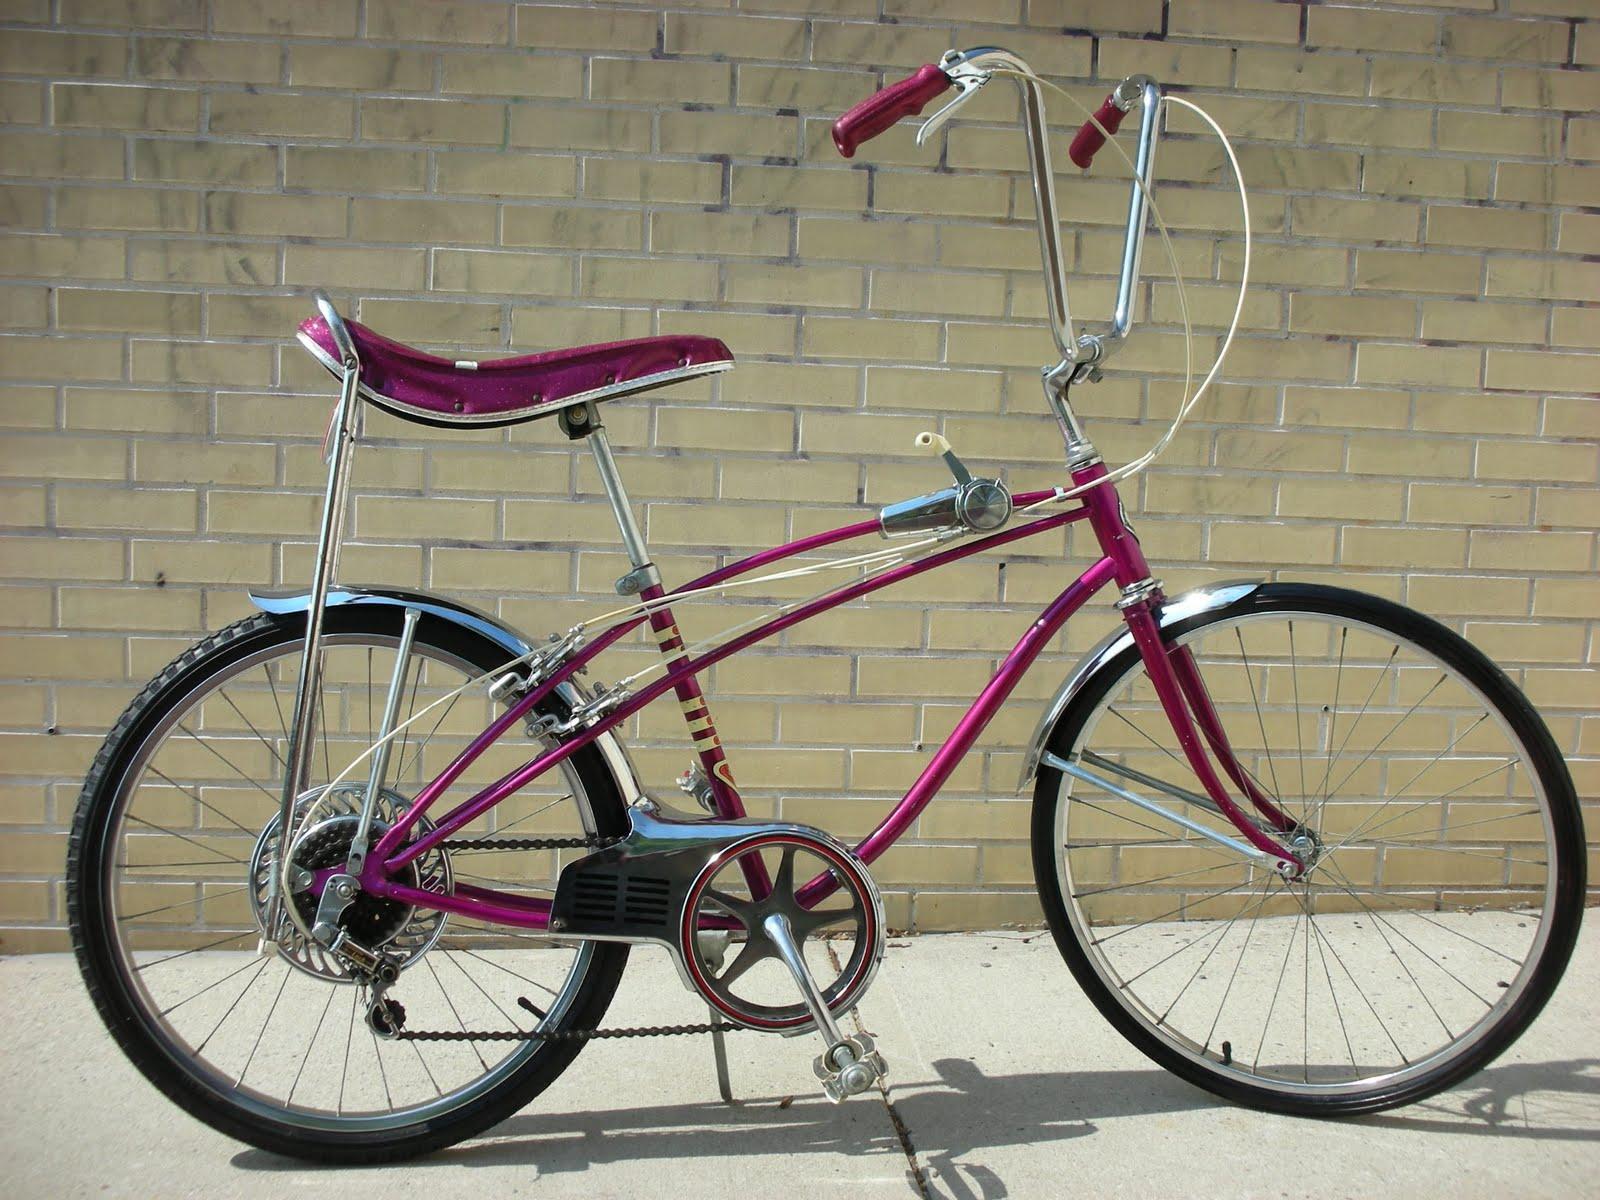 The muscle bike blog 1968 24 sears spyder 5 speed 1968 24 sears spyder 5 speed sciox Gallery